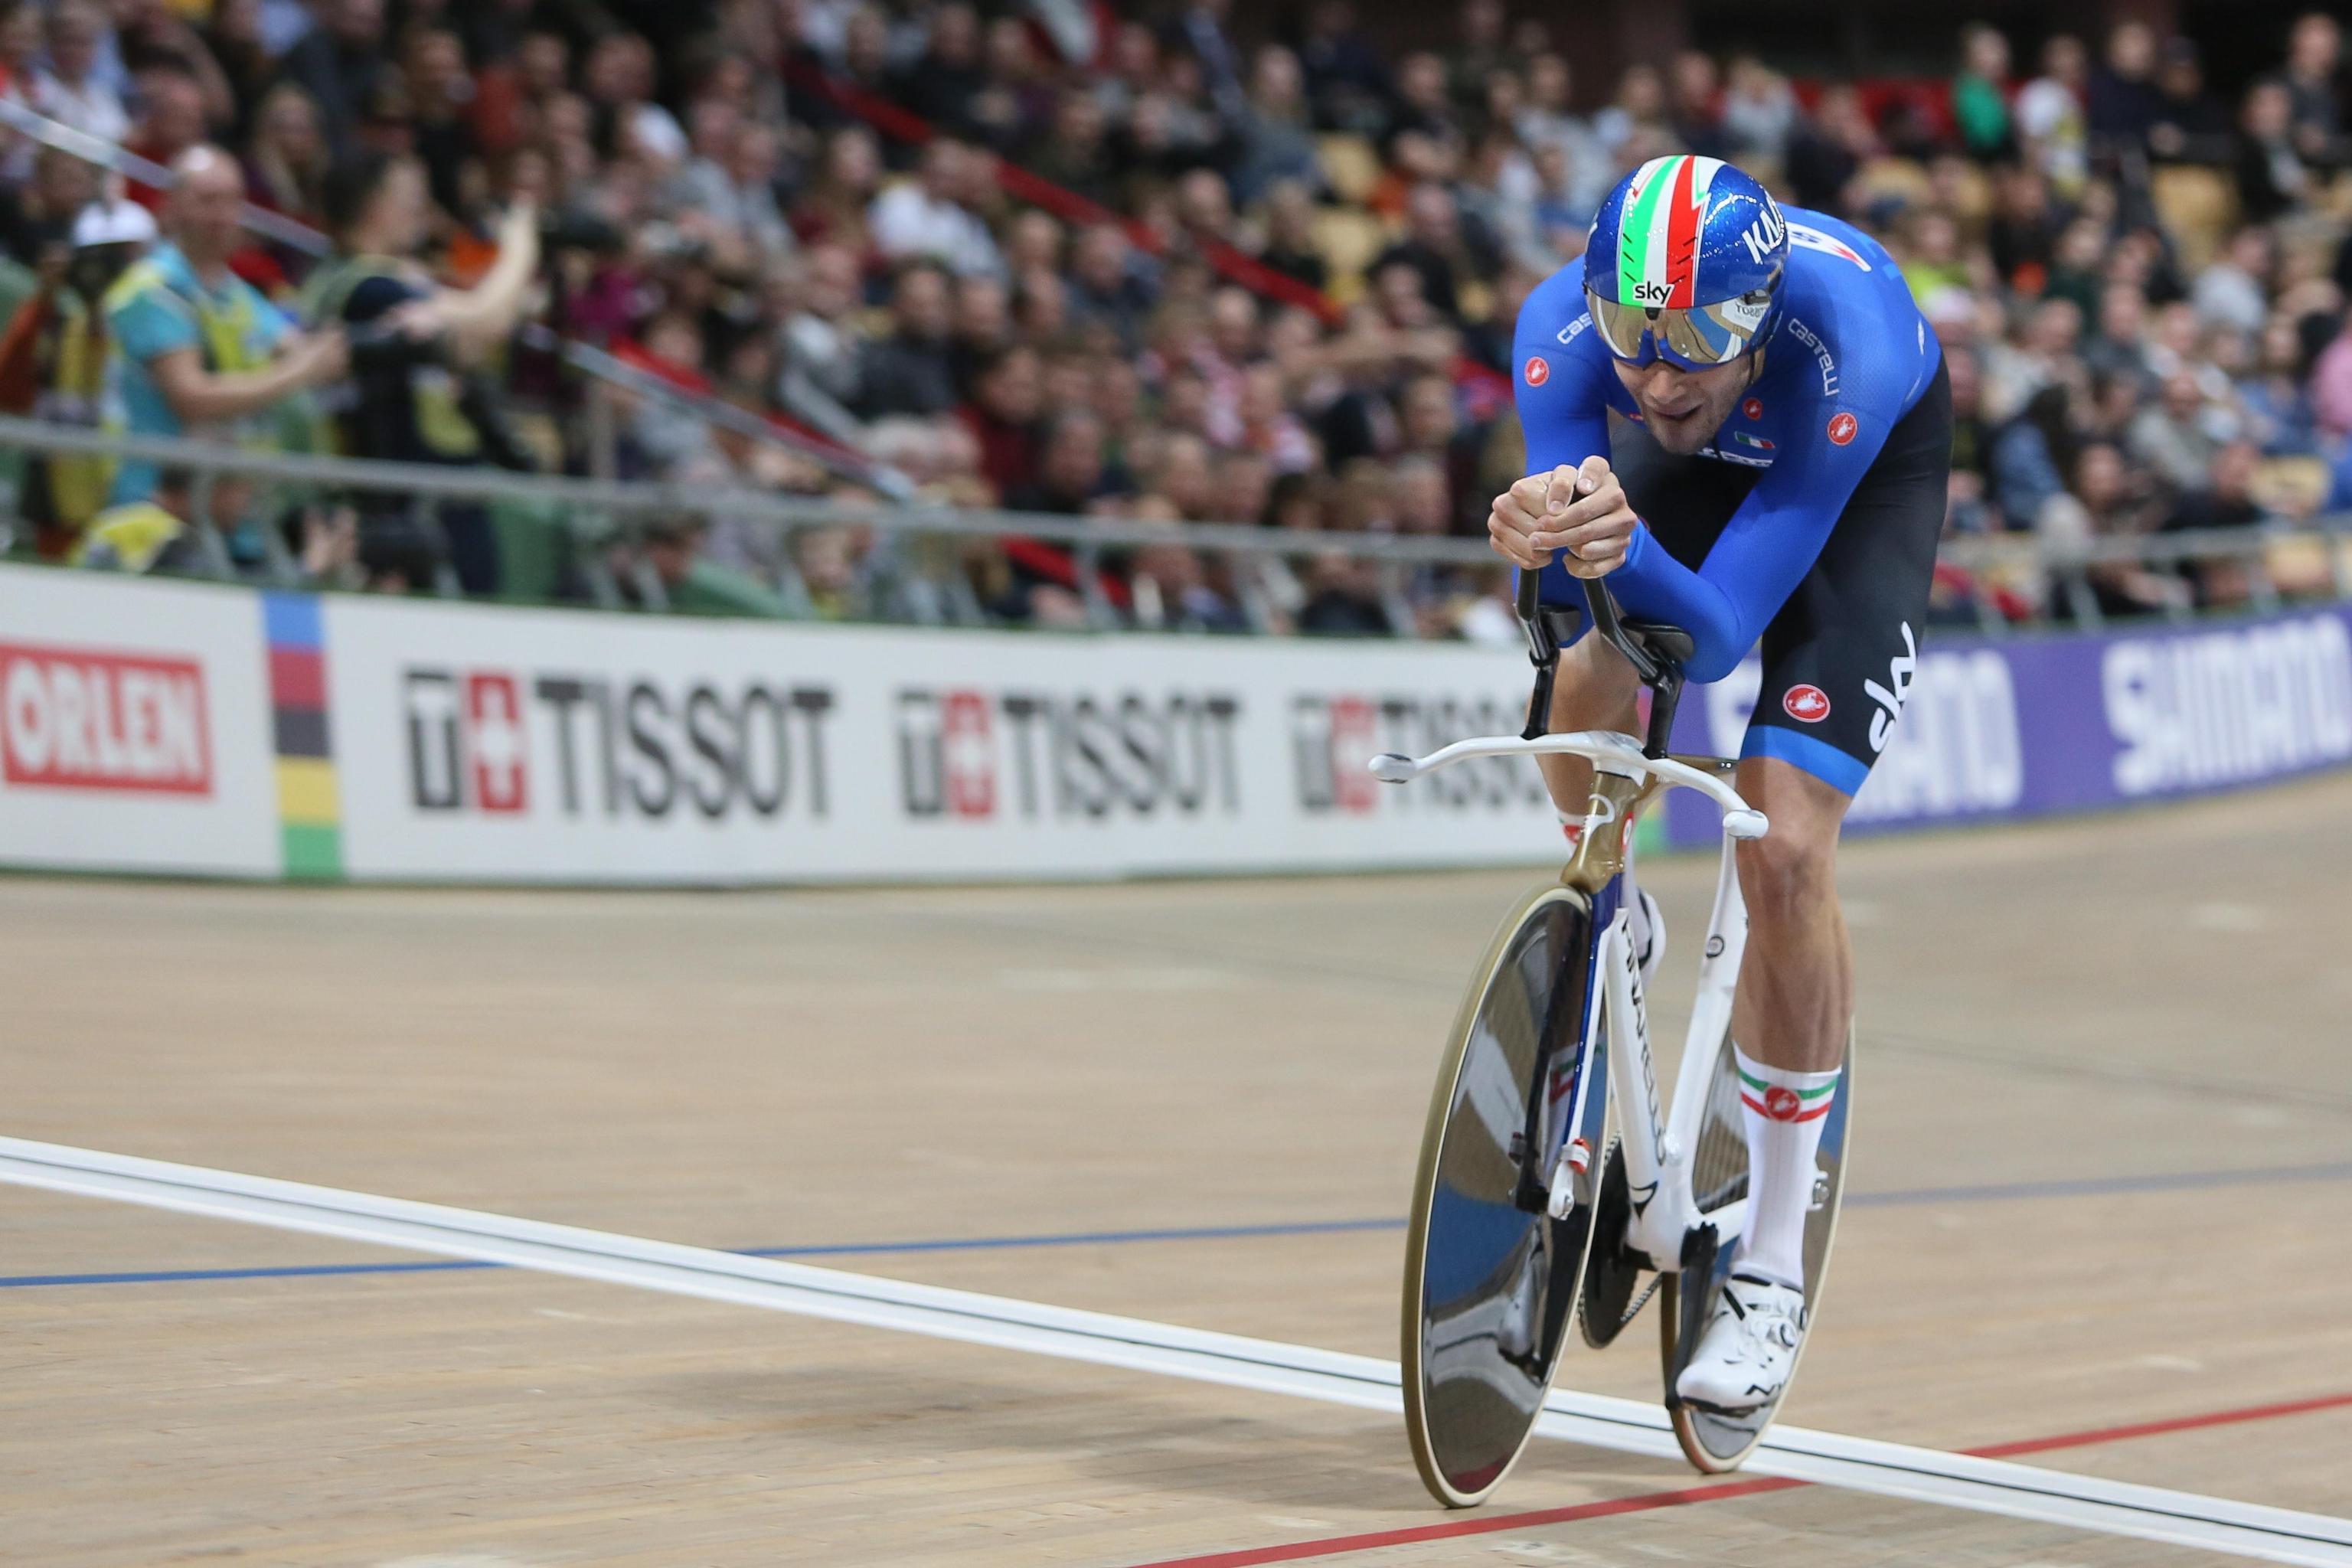 Ciclismo, tris dell'Italia ai campionati mondiali su pista: Ganna oro e bronzo